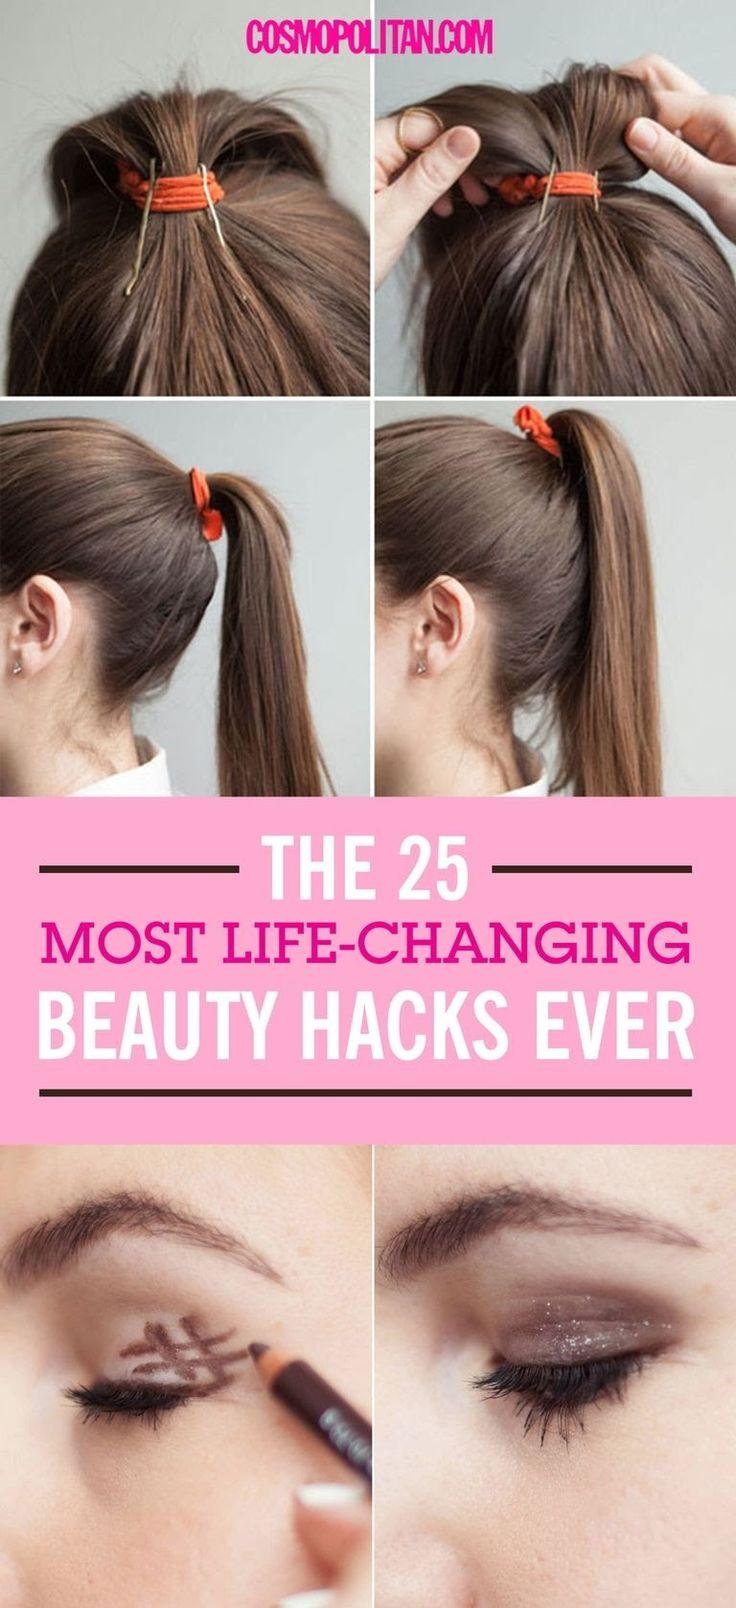 Relativ Les 14 meilleures images du tableau Makeup sur Pinterest | Astuces  CO43